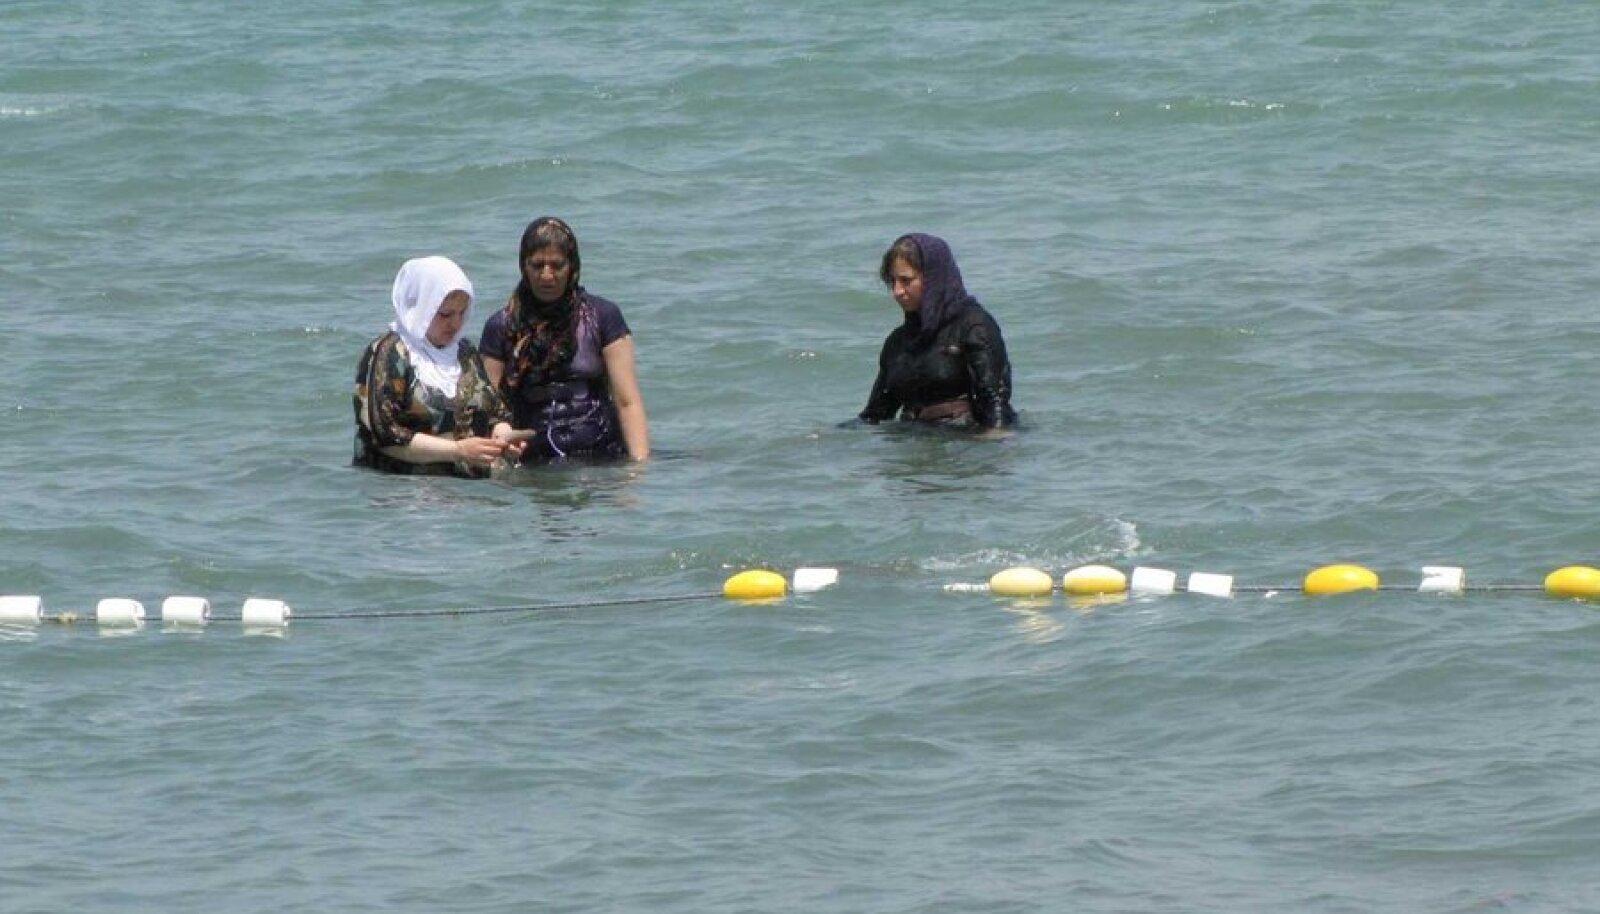 Iraani naised Kaspia meres suplemas. Noored naised püüavad karme reegleid ja nende täitmist jälgivat moraalipolitseid üha enam proovile panna. Rätid vajuvad kuklasse, musta värvi vahele seguneb erksamat, kehajooni hägustava tuunika serv tõuseb maast üha kõrgemale. Ning nelja seina vahel kantakse läänelikke rõivaid. (Foto: Kadri Ibrus)